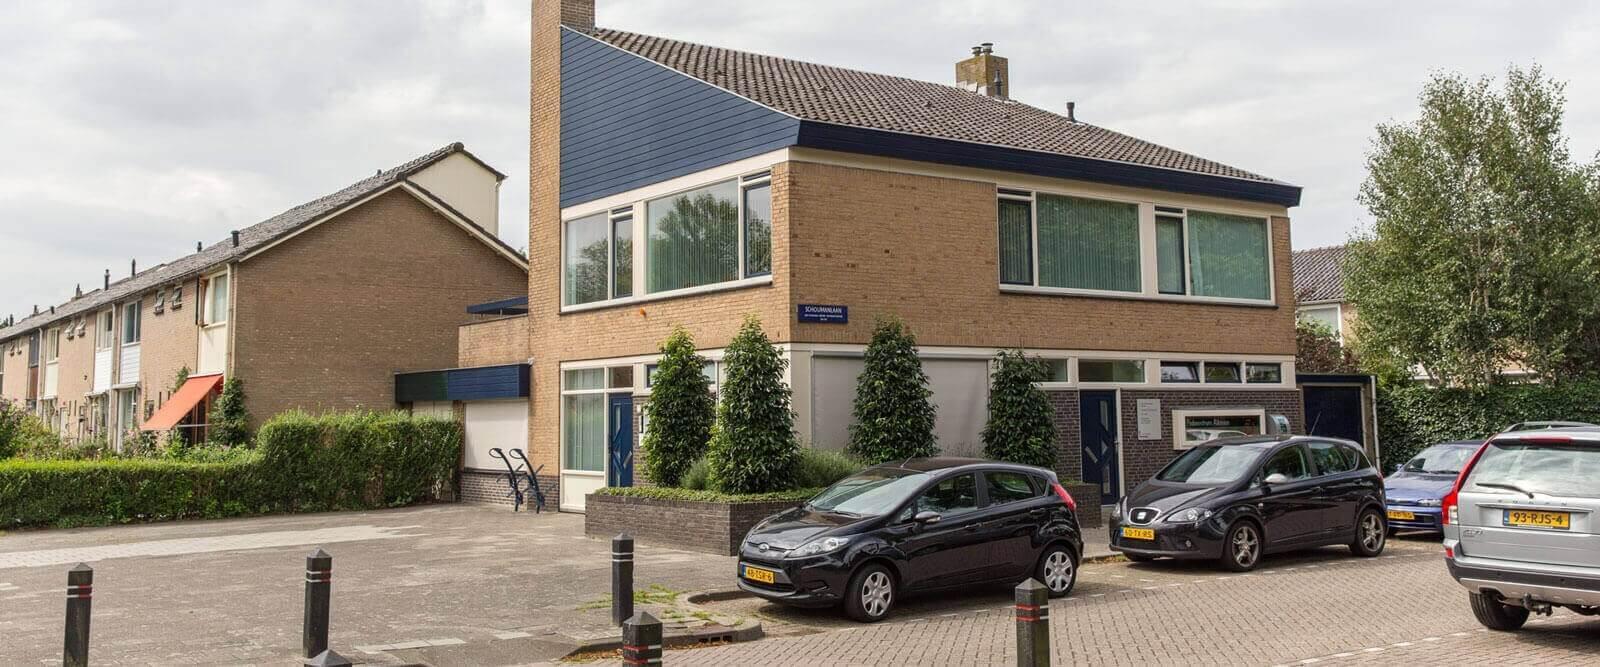 LET OP, informatie rondom wegopbreking locatie Alkmaar!